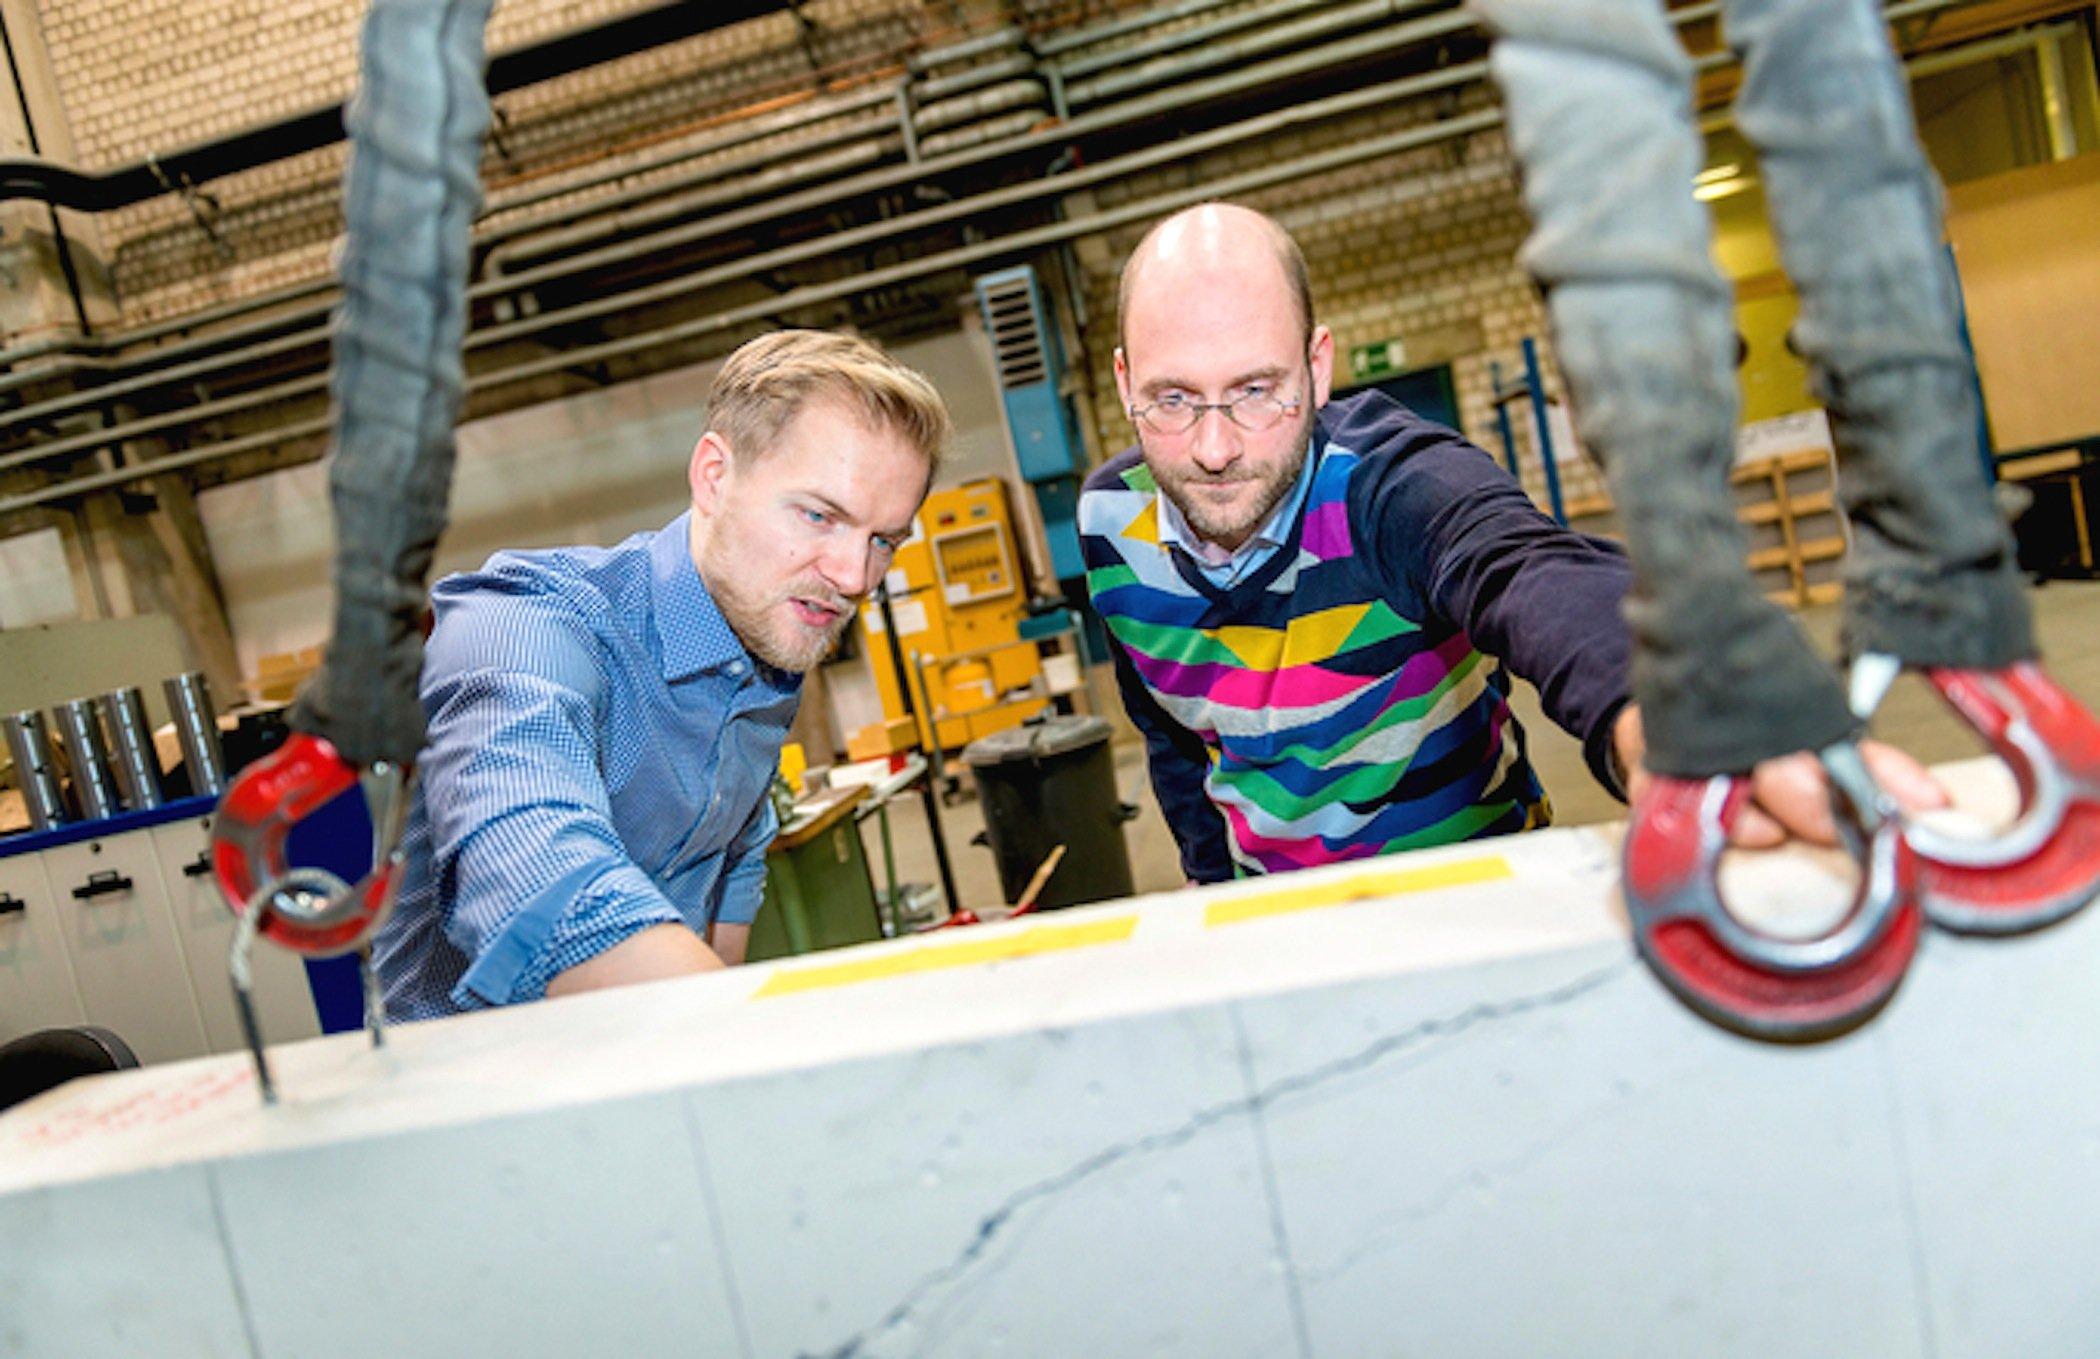 David Sanio (links) und Mark Alexander Ahrens begutachten einen Testbalken aus Beton im Labor. Hier wurde die Messtechnik geprüft.